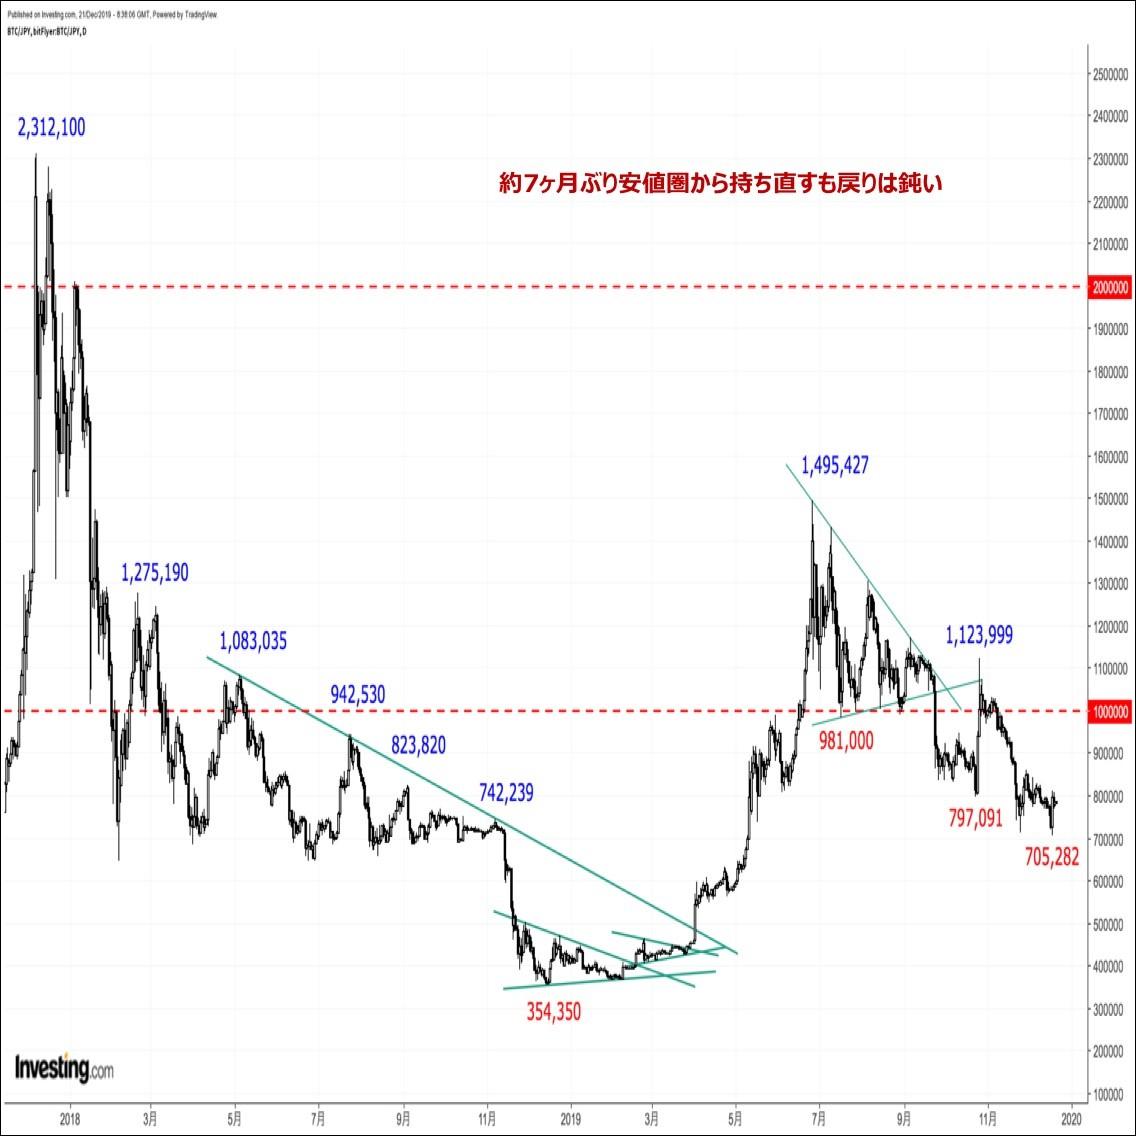 ビットコインの価格分析 『安値更新後に持ち直す展開。短期見通しを中立へ上方修正』(12/22)